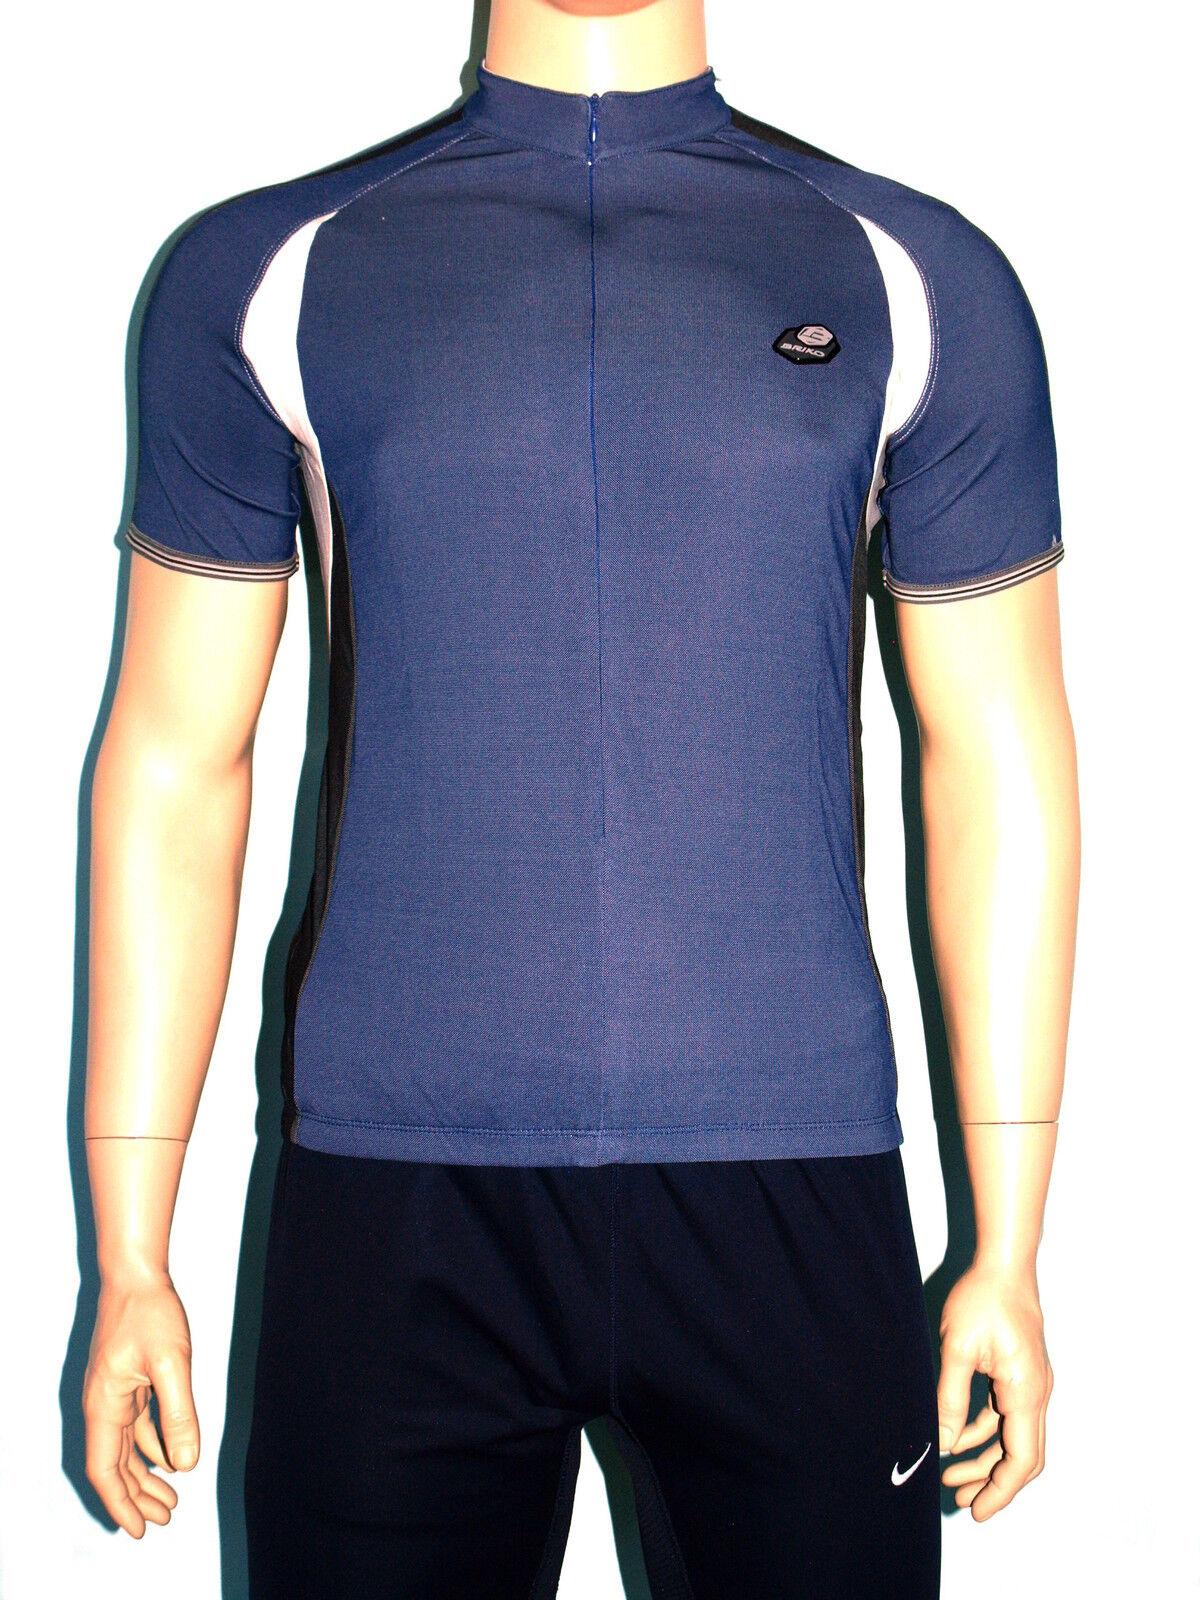 Briko bike Sport wear Jersey zenith Größe m